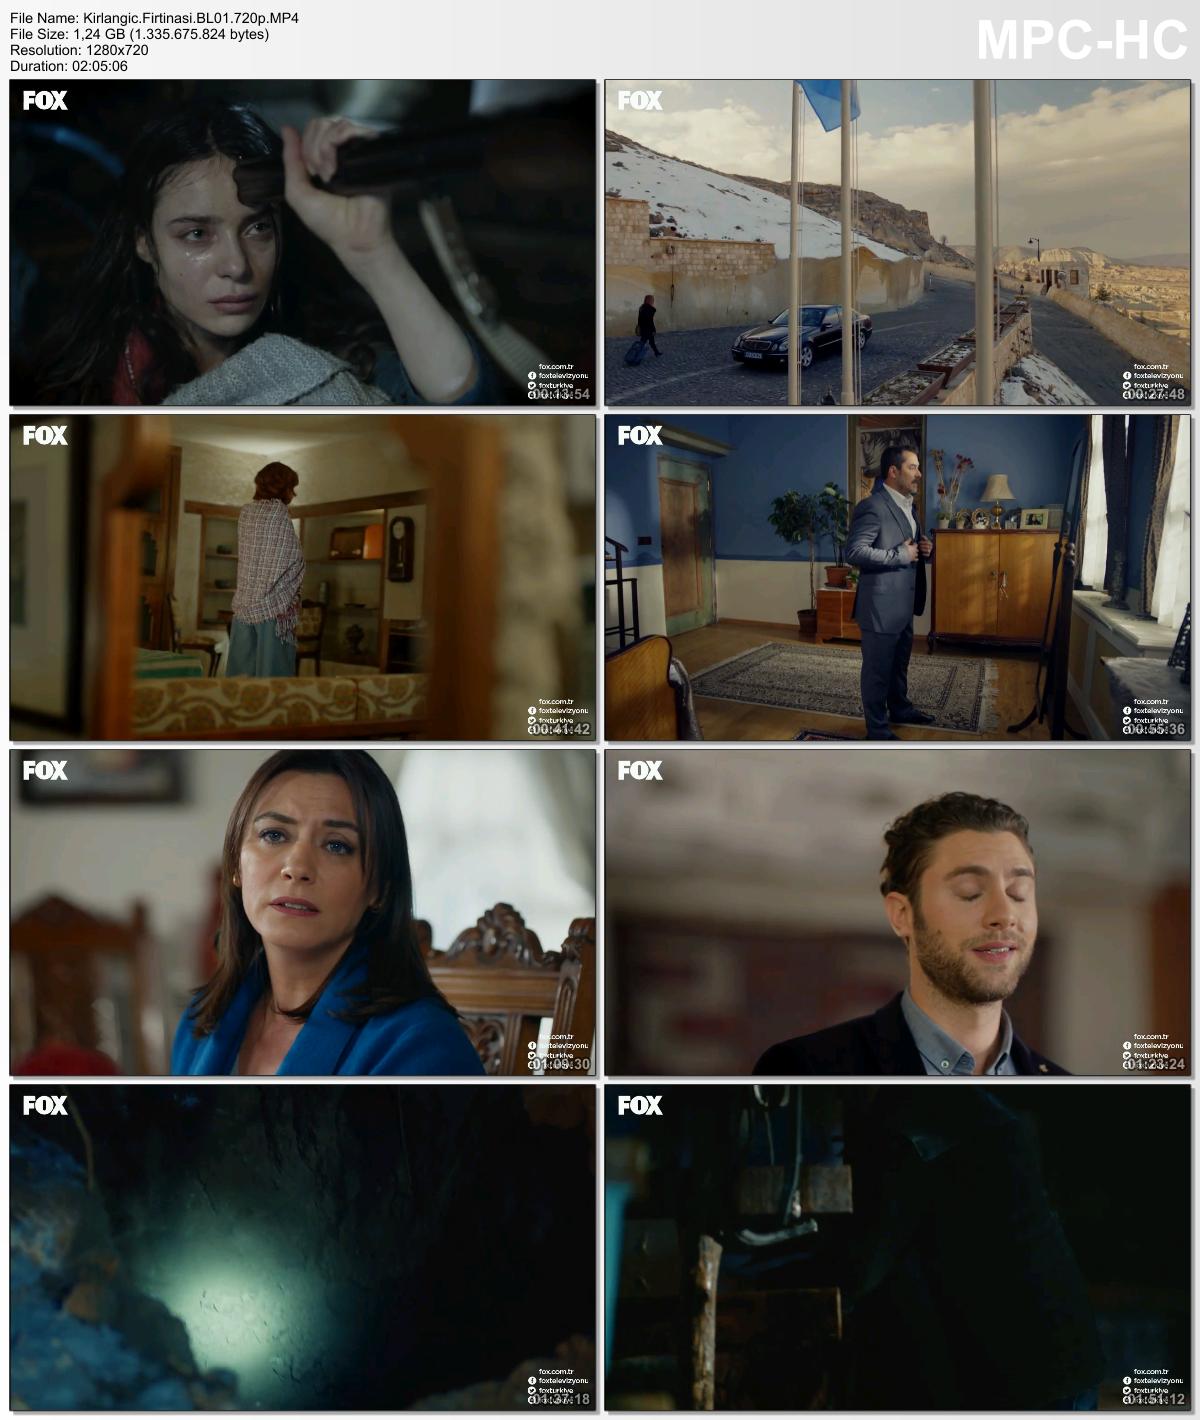 Kırlangıç Fırtınası 7.Bölüm Final (HD - x264 - 720p) Tüm Bölümler - VKRG